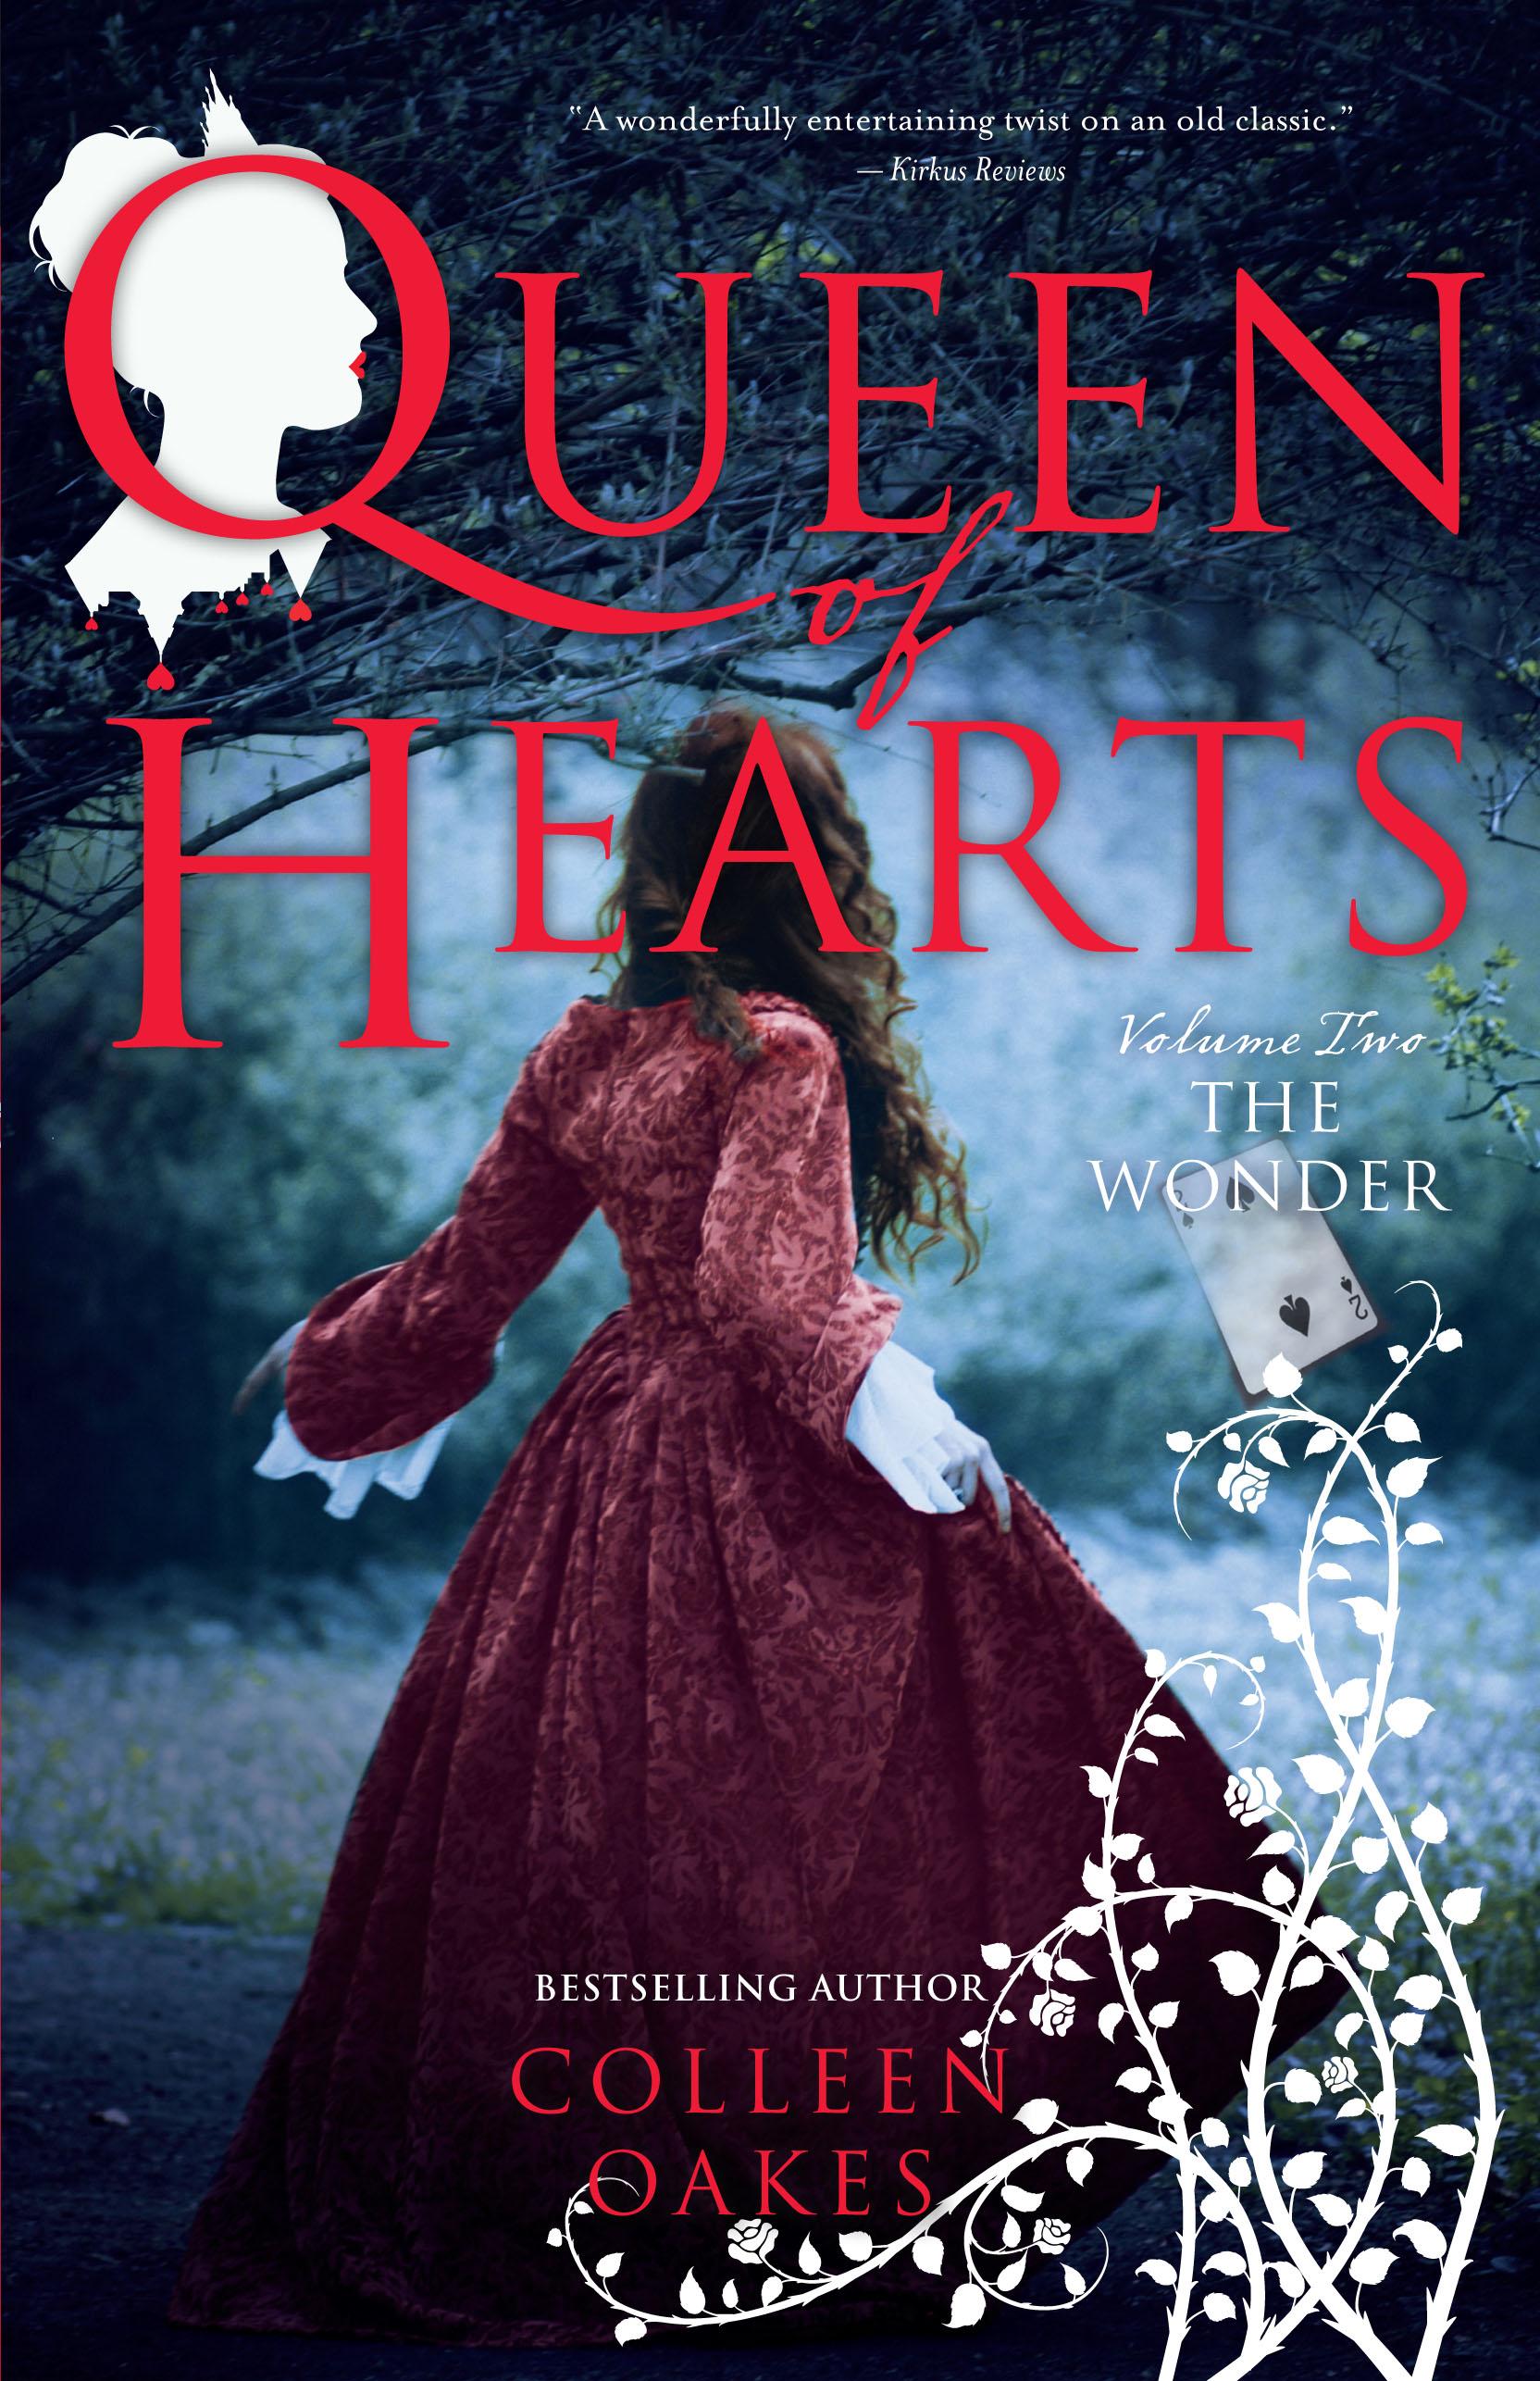 Queen of Hearts Volume II